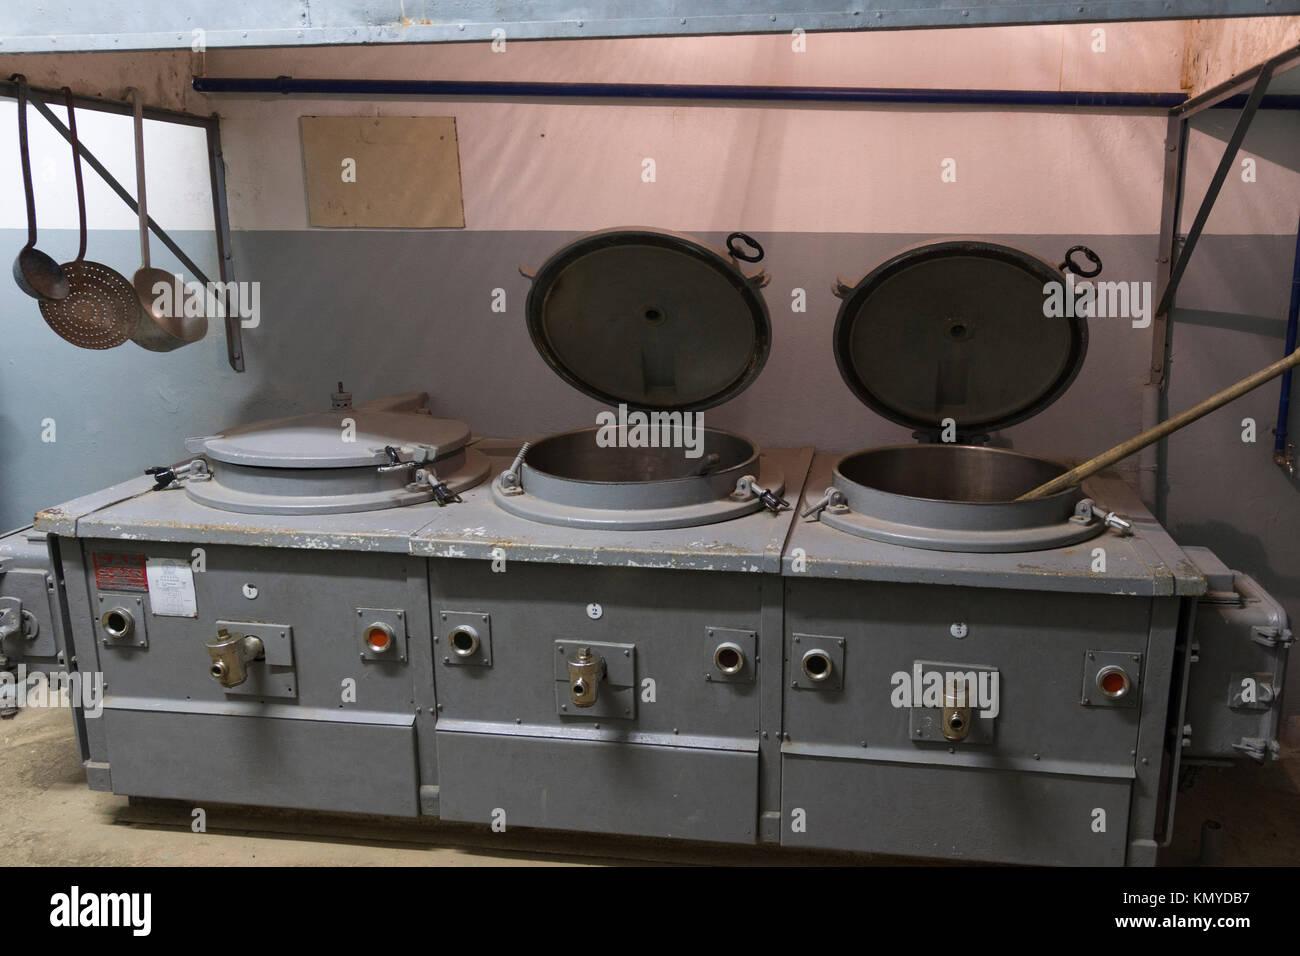 Dimensioni industriali cucine in una cucina a la linea Maginot sito ...